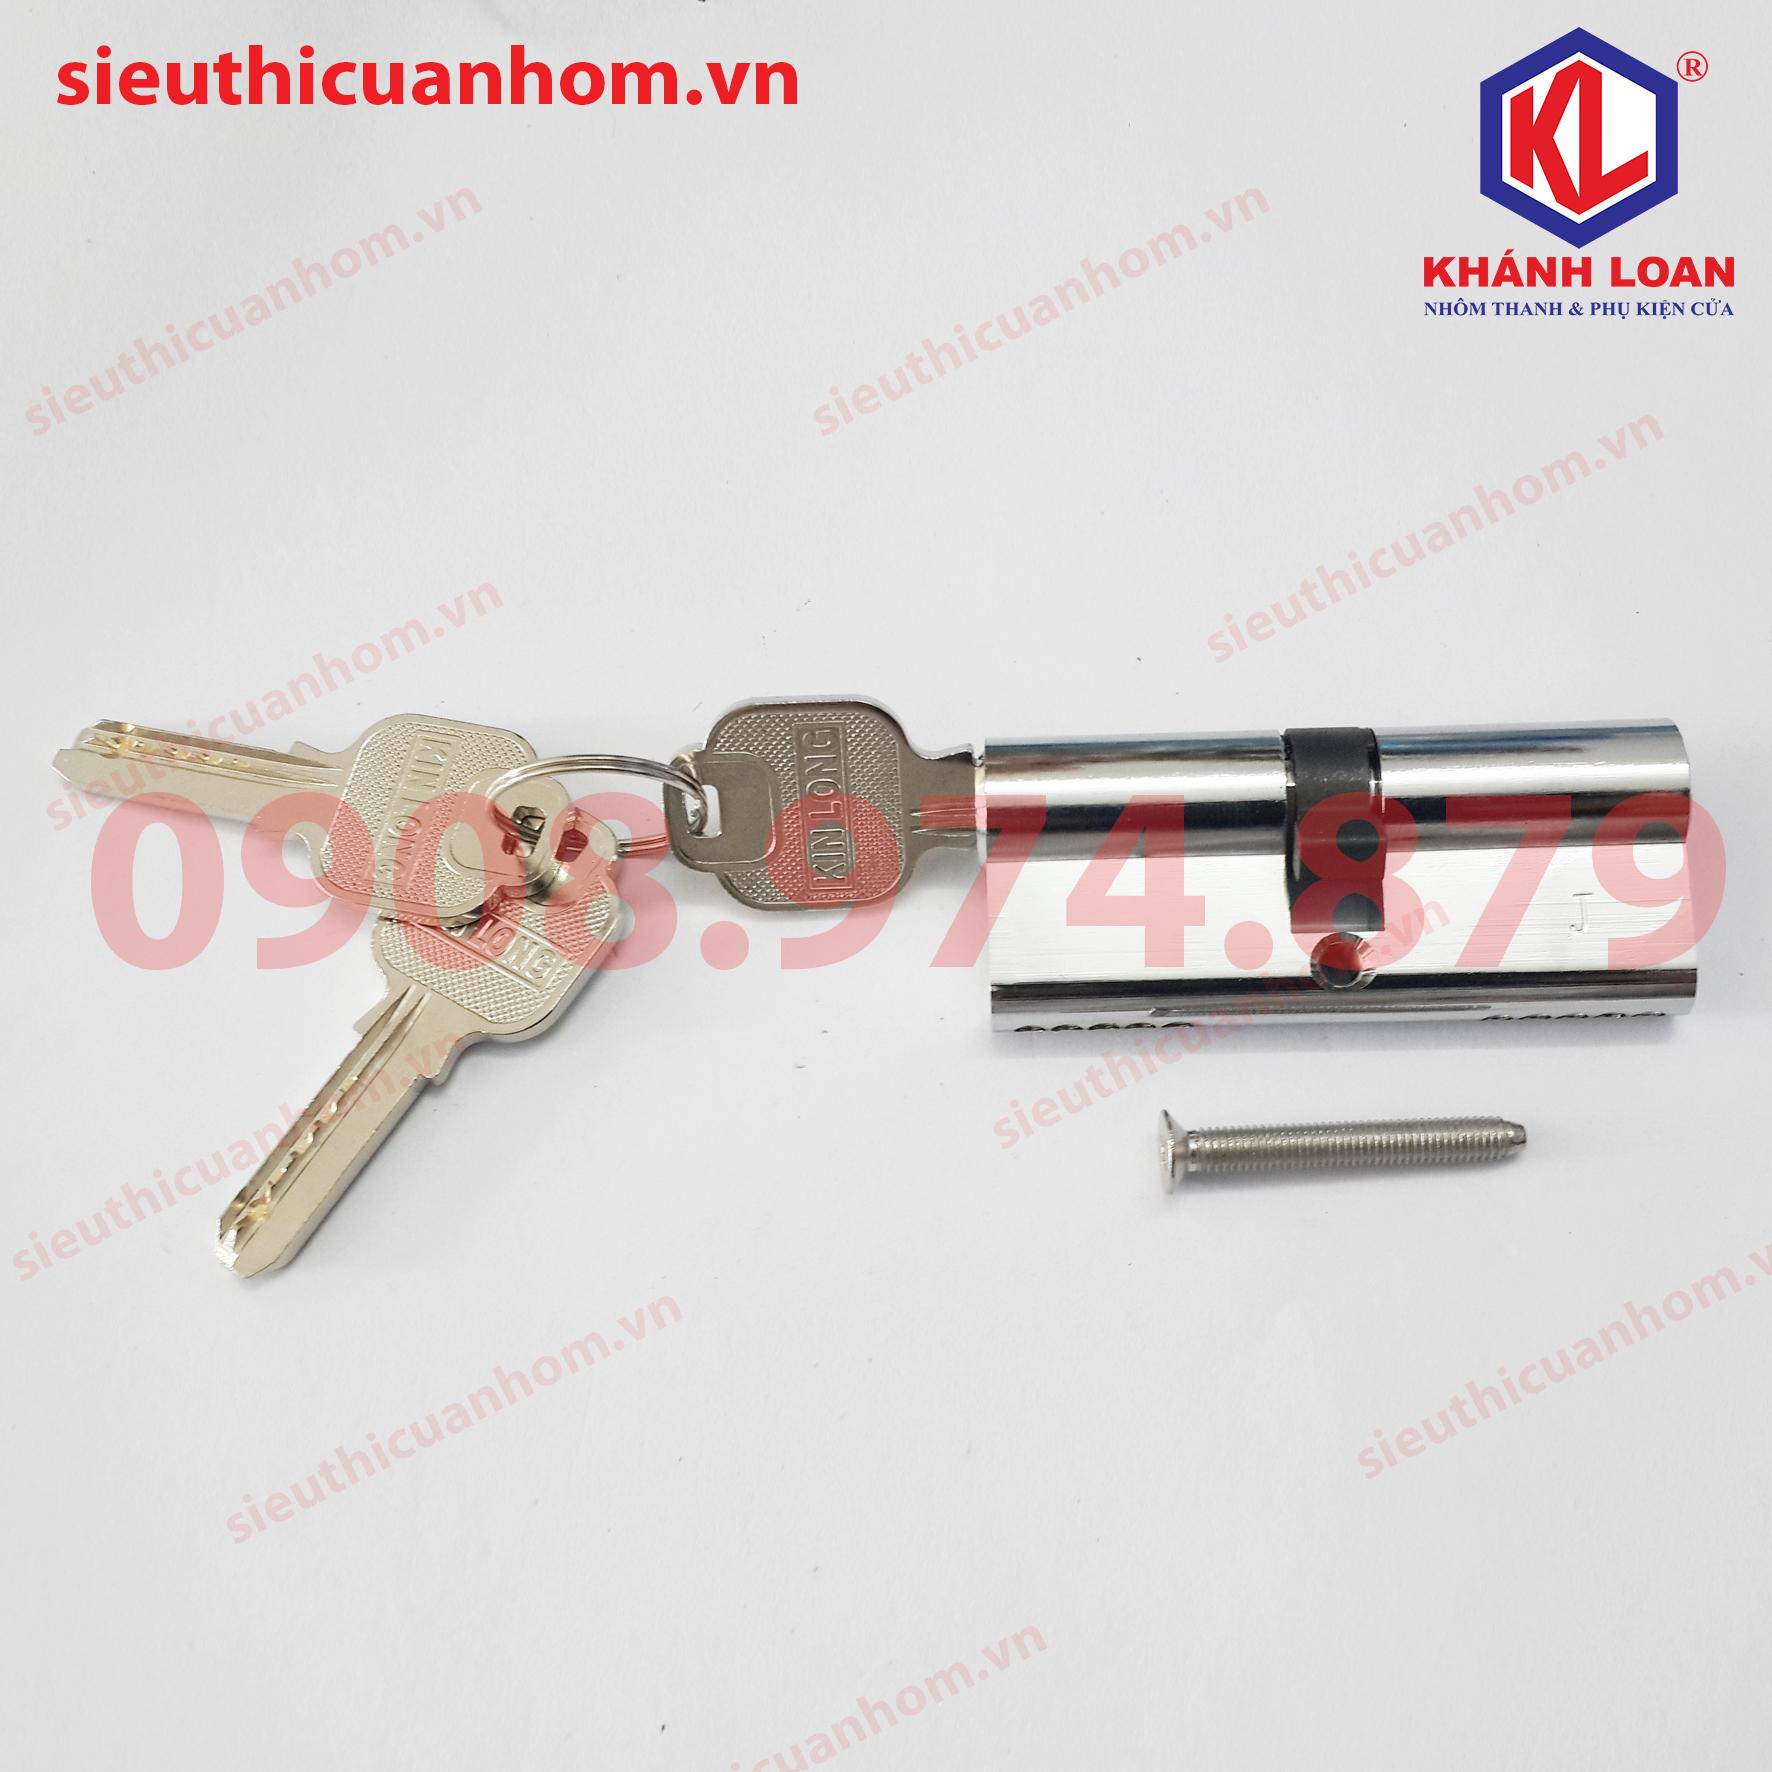 KIL3737 lõi khóa 2 đầu chìa xếp trượt & cửa đi lùa